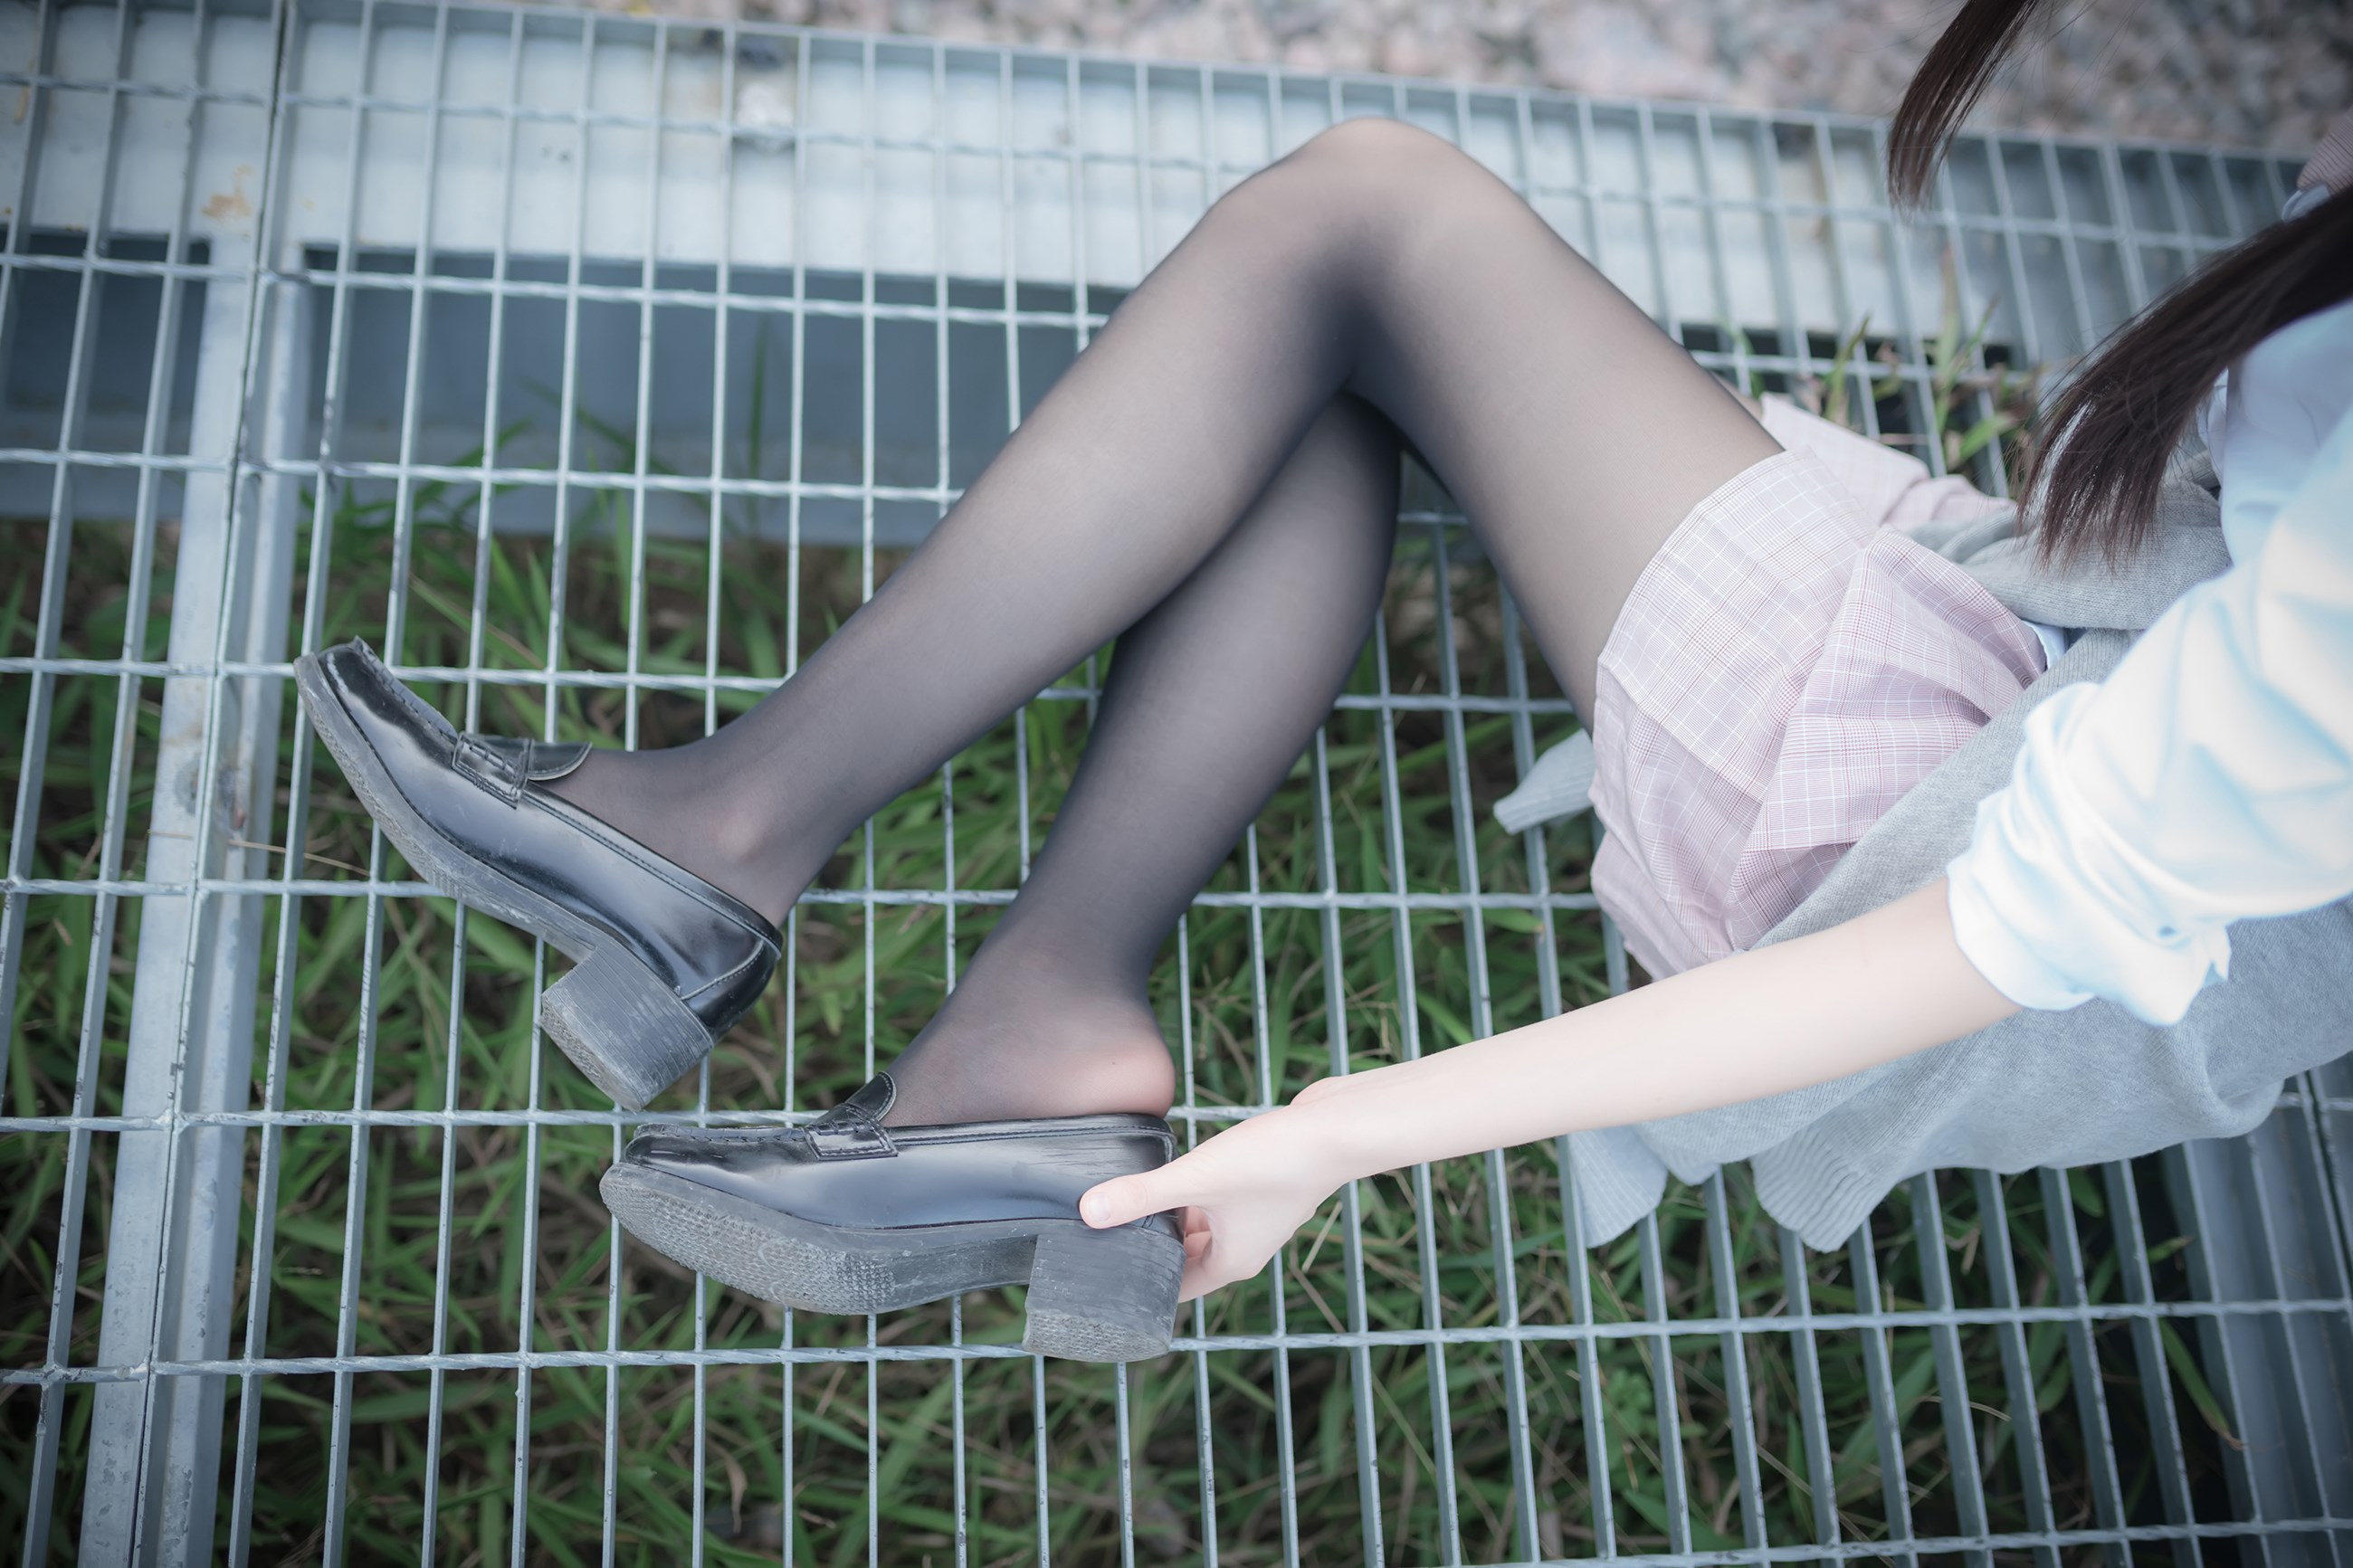 【兔玩映画】铁轨旁的小细腿 兔玩映画 第3张